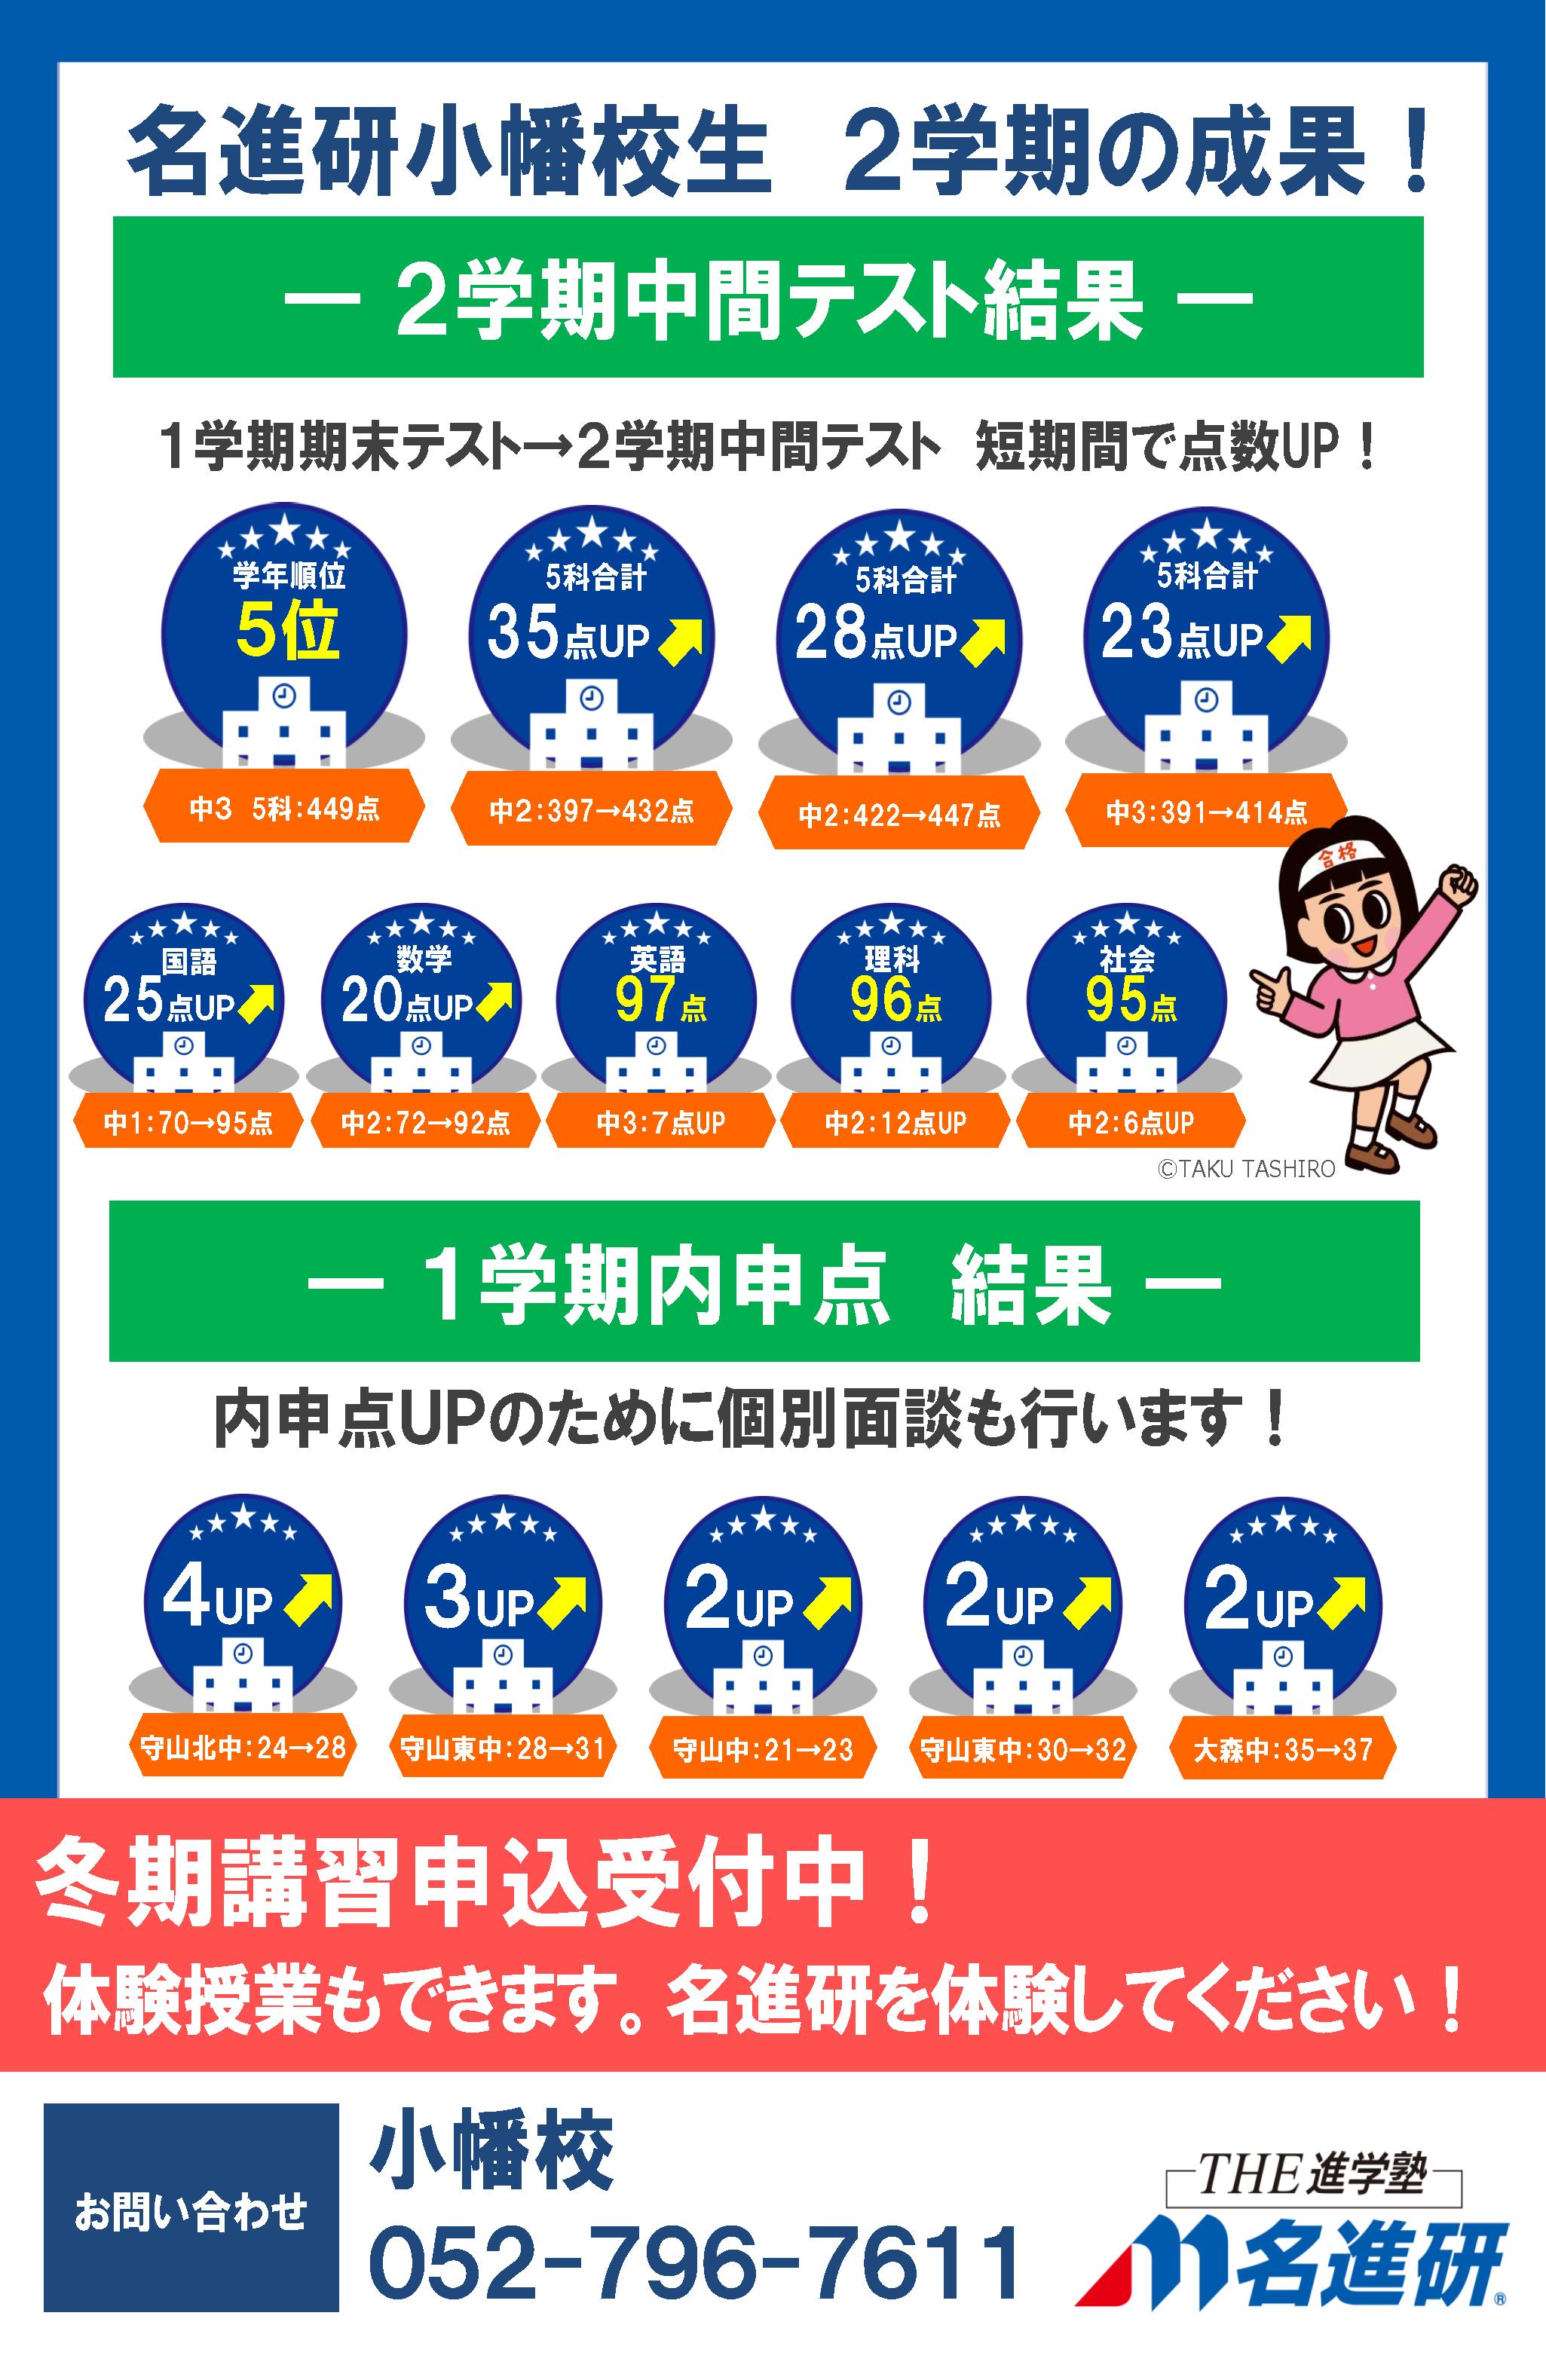 【高校受験コース】2学期中間テスト結果!